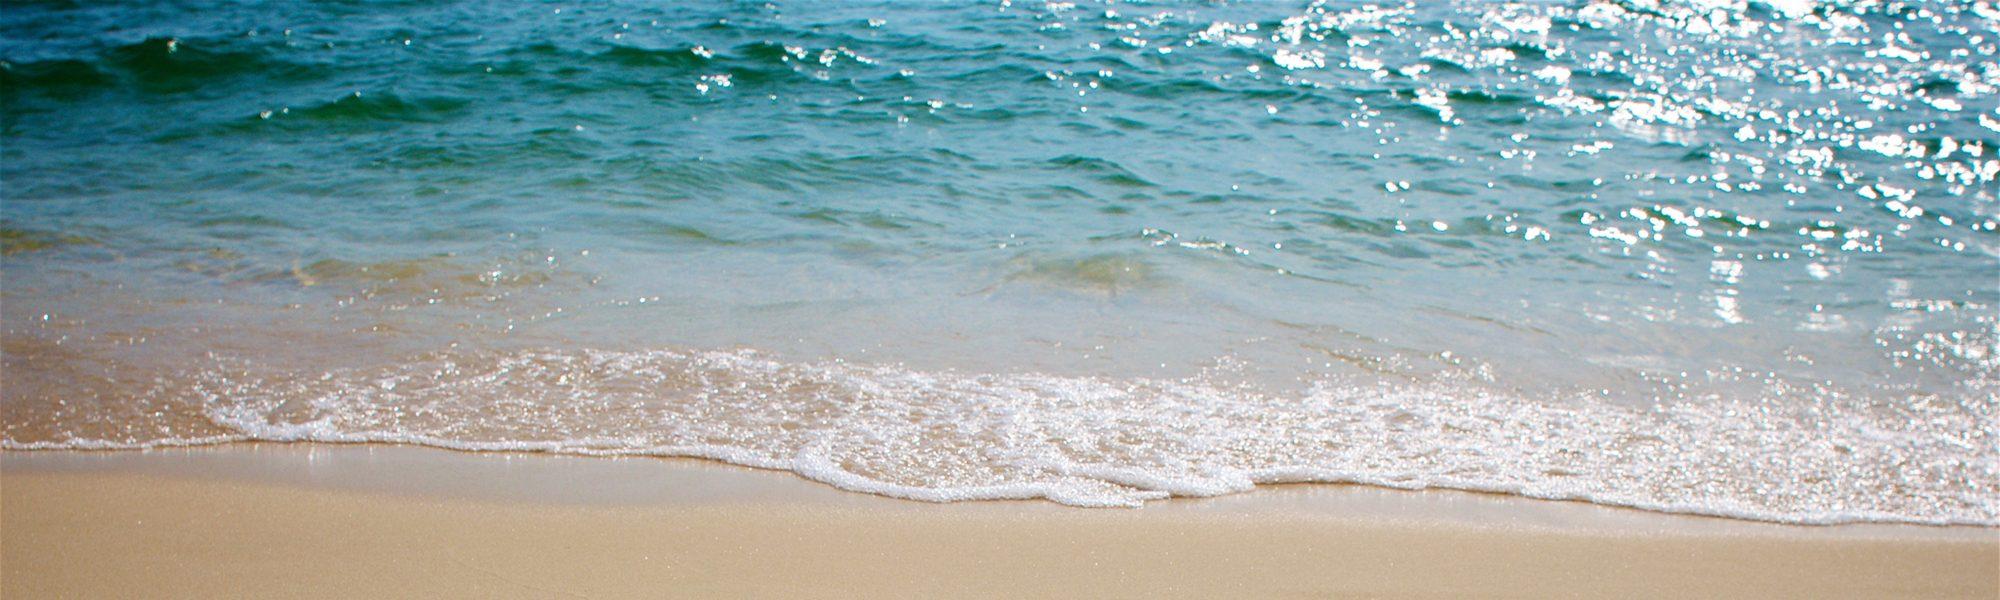 abbronzarsi al mare, spiaggia